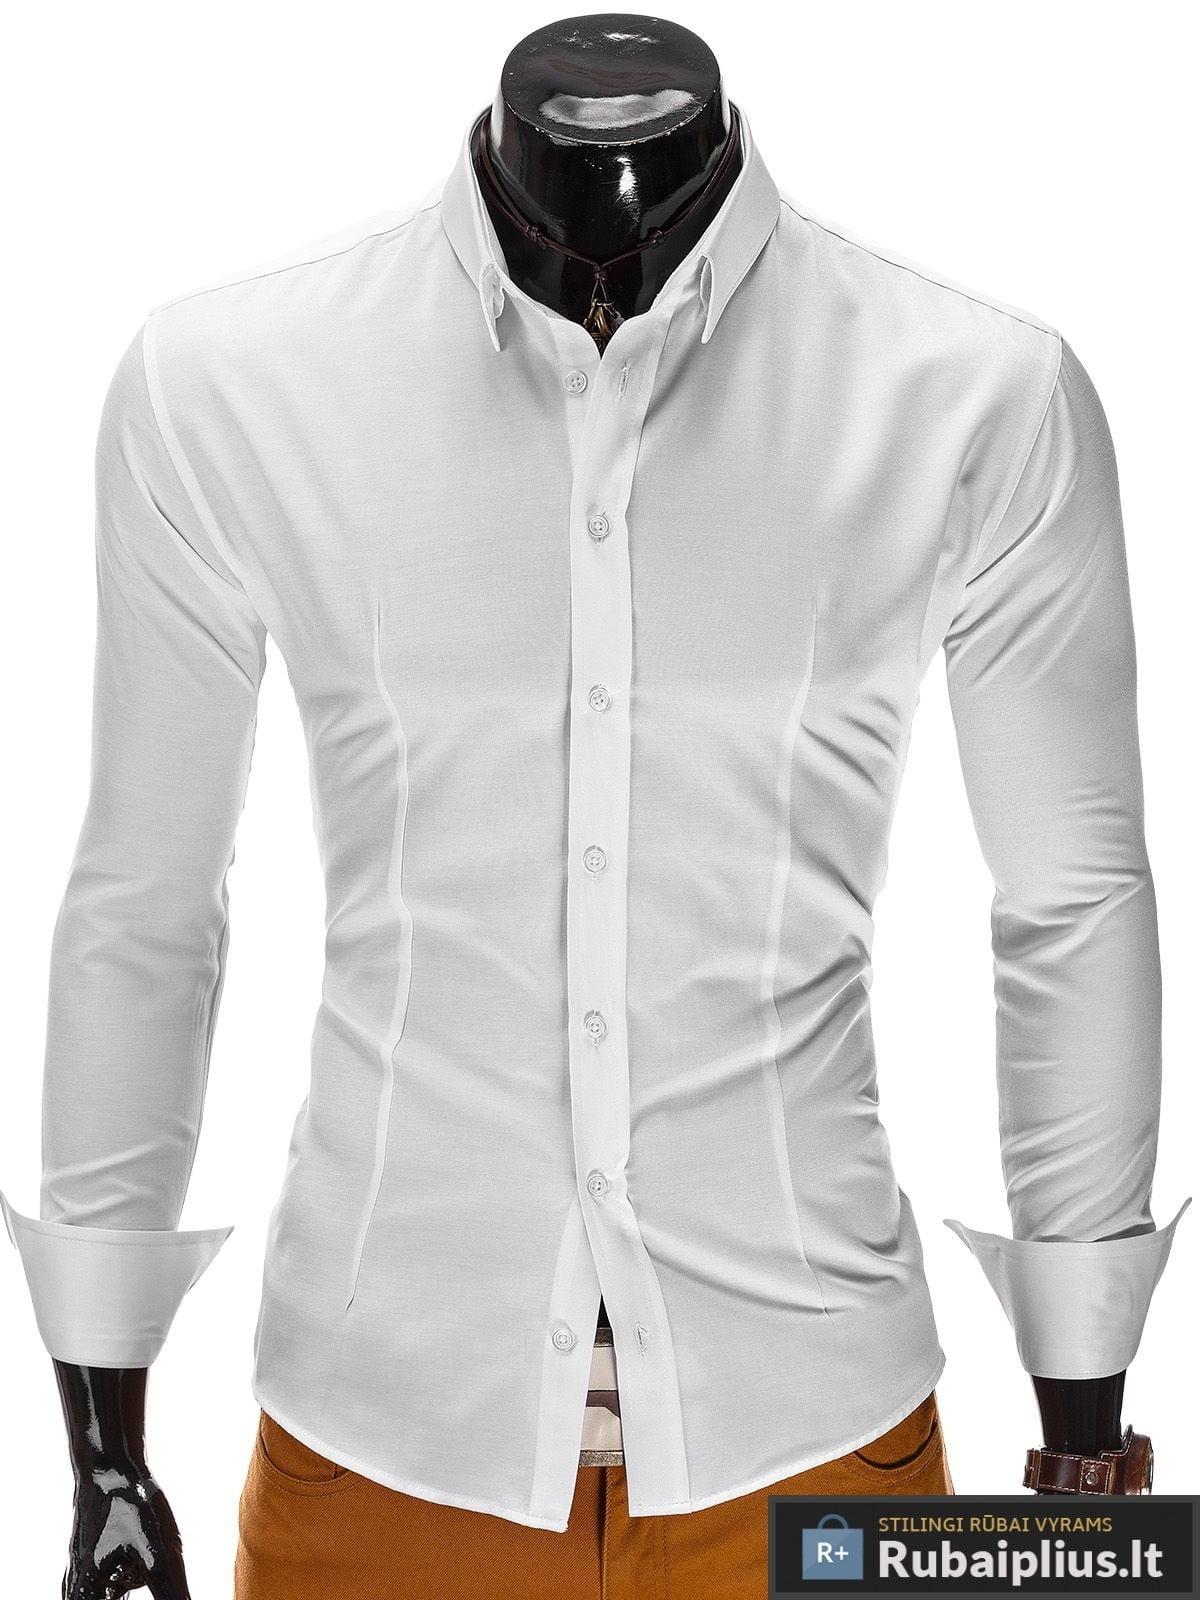 Klasikiniai marškiniai vyrams internetu